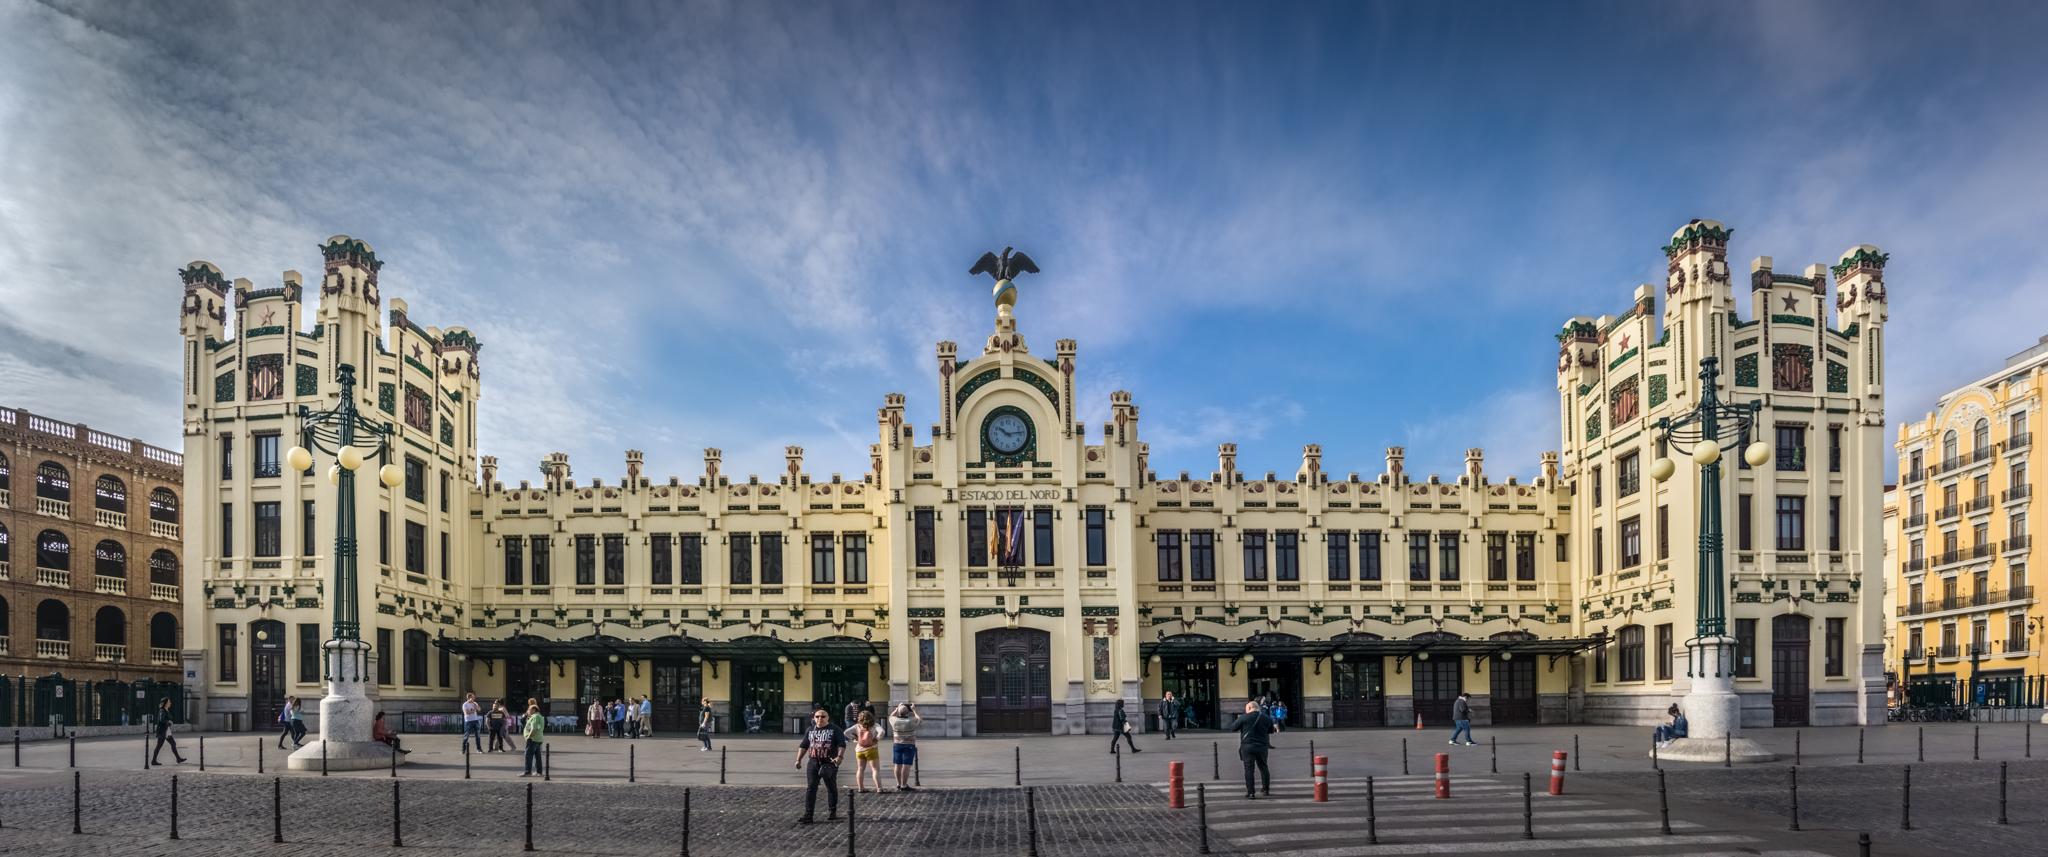 Estació del Nord - historic train station, Spain